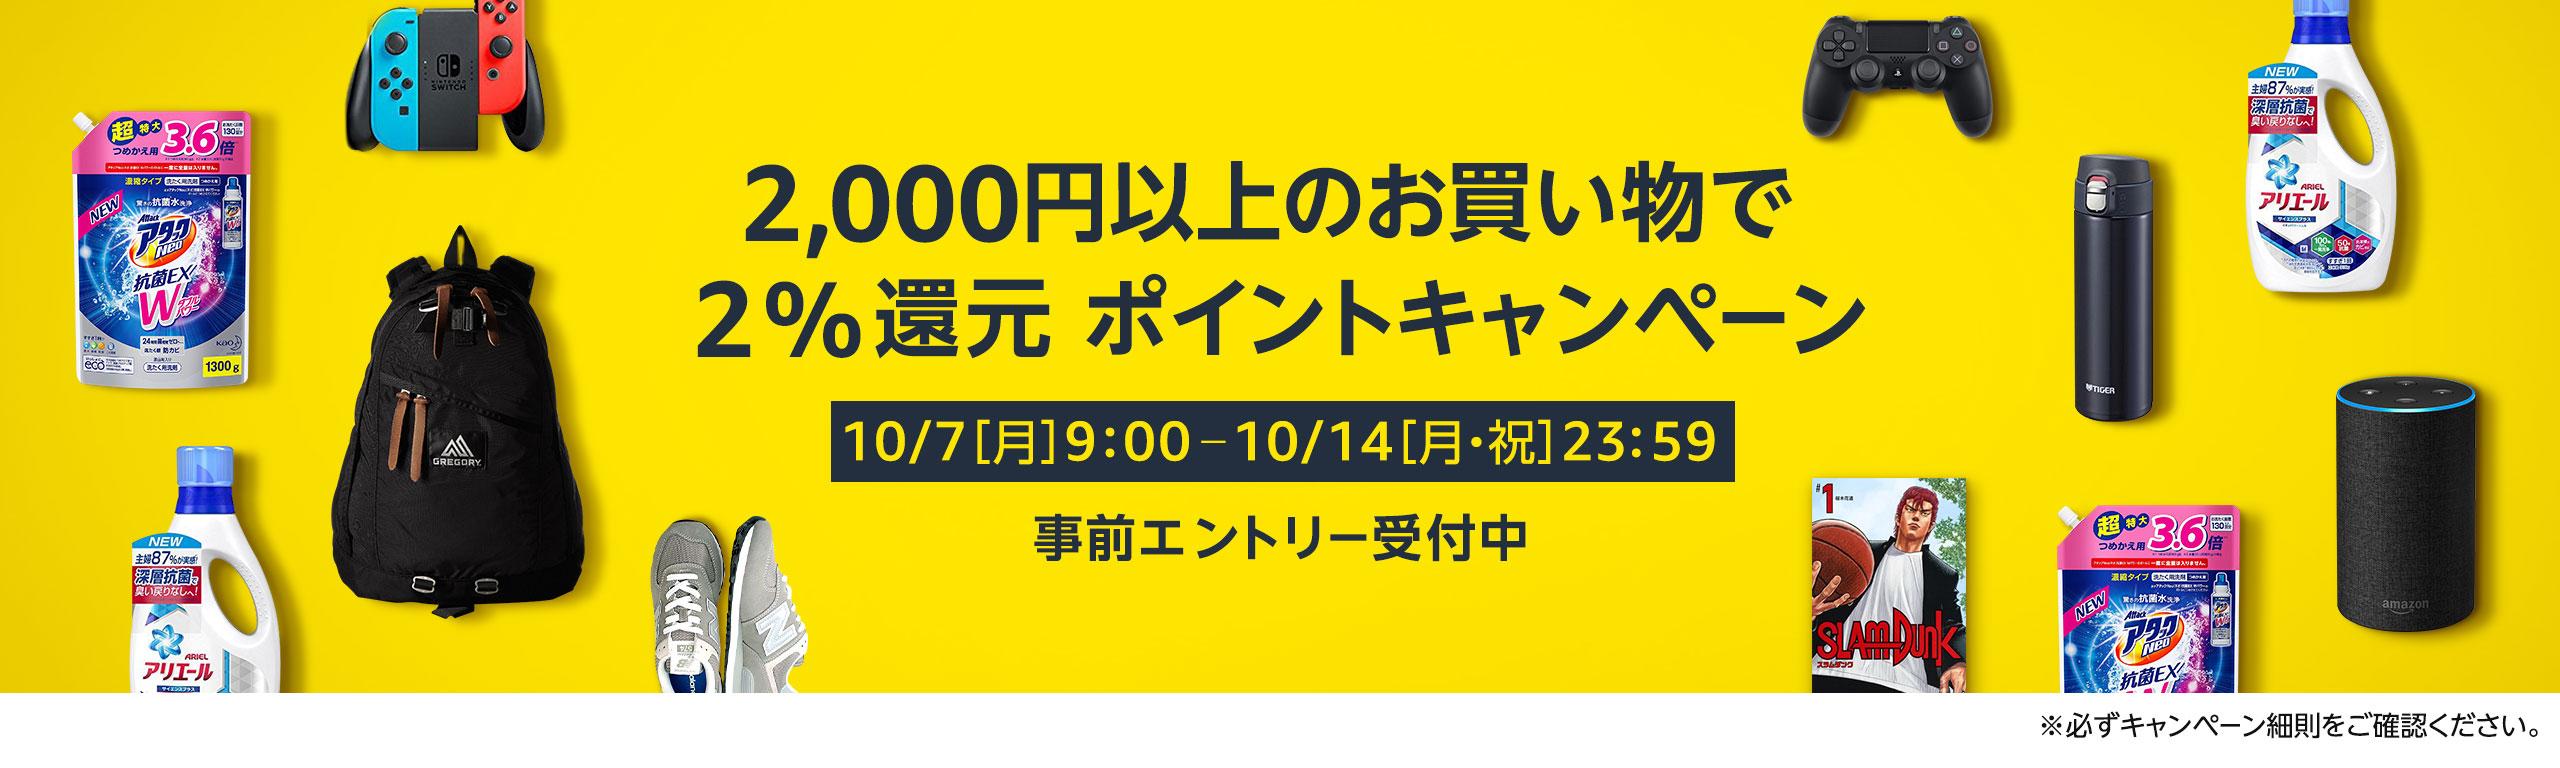 アマゾンでページを見るだけで2000円以上で2%ポイントバック。10/7 9時~。